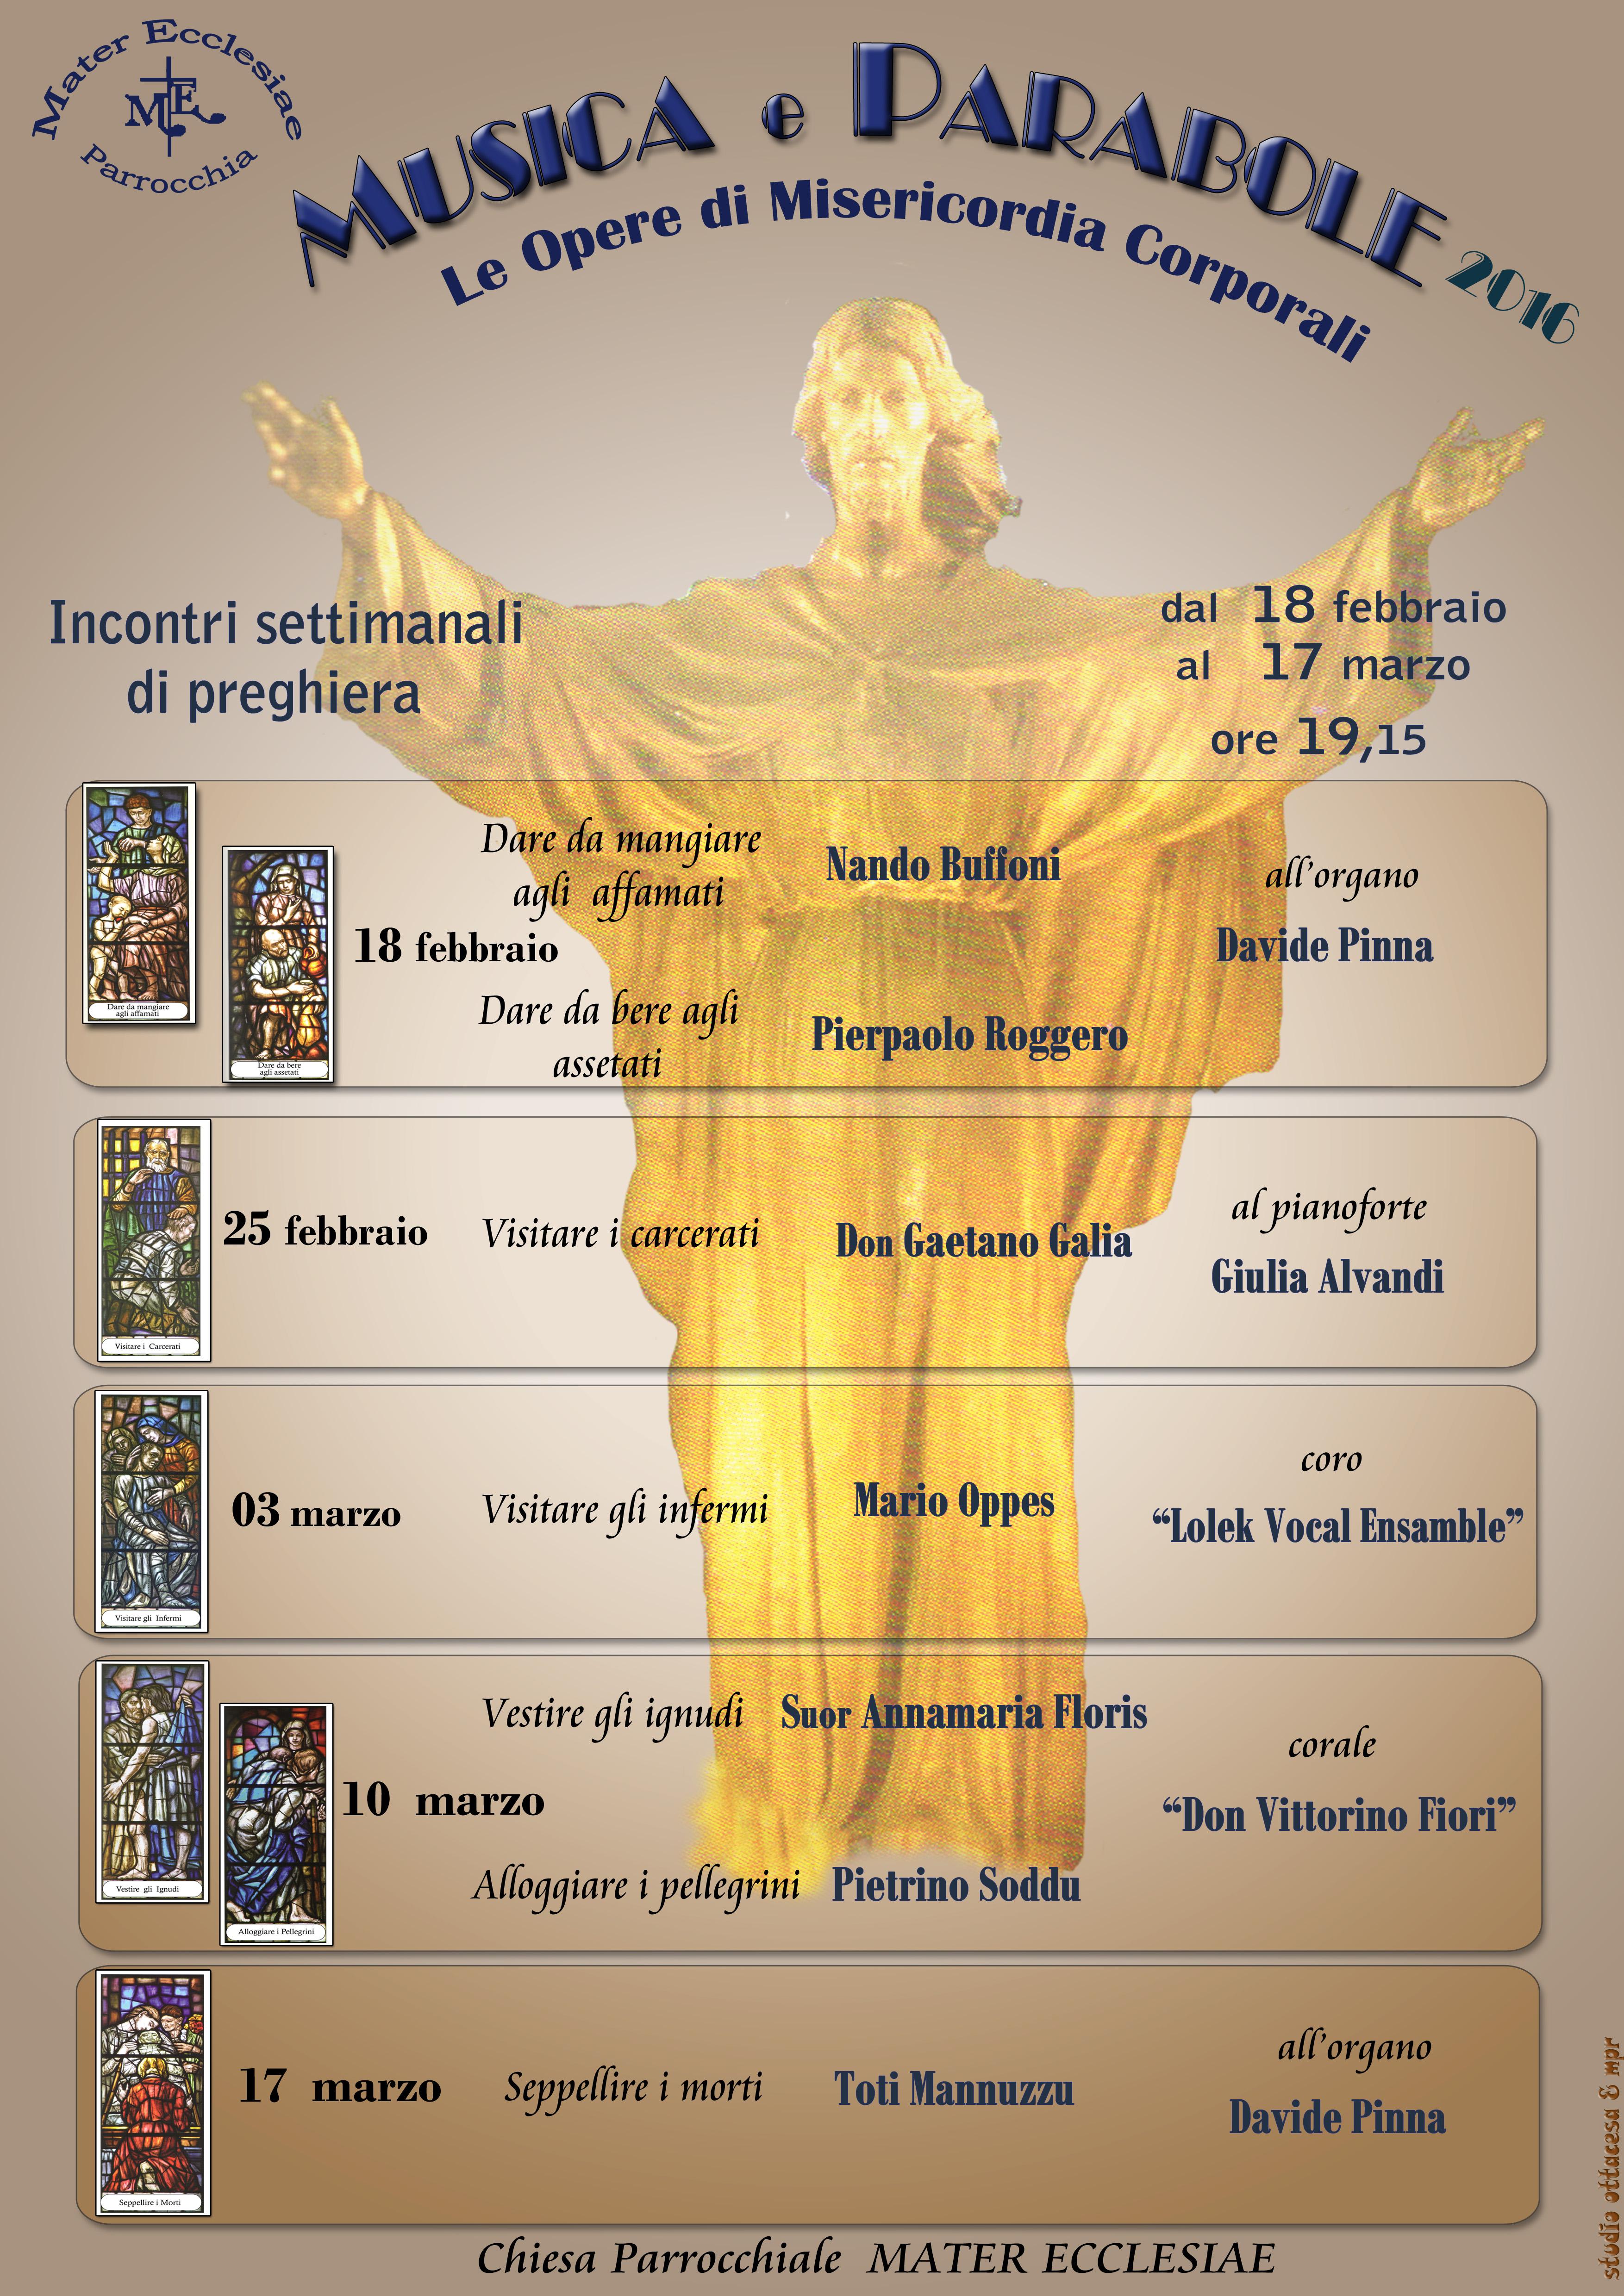 Tutti gli appuntameti di Musica e Parabole 2016 Parrocchia di Mater Ecclesiae Sassari dal 18 febbraio al 17 marzo alle ore 19 e 15.